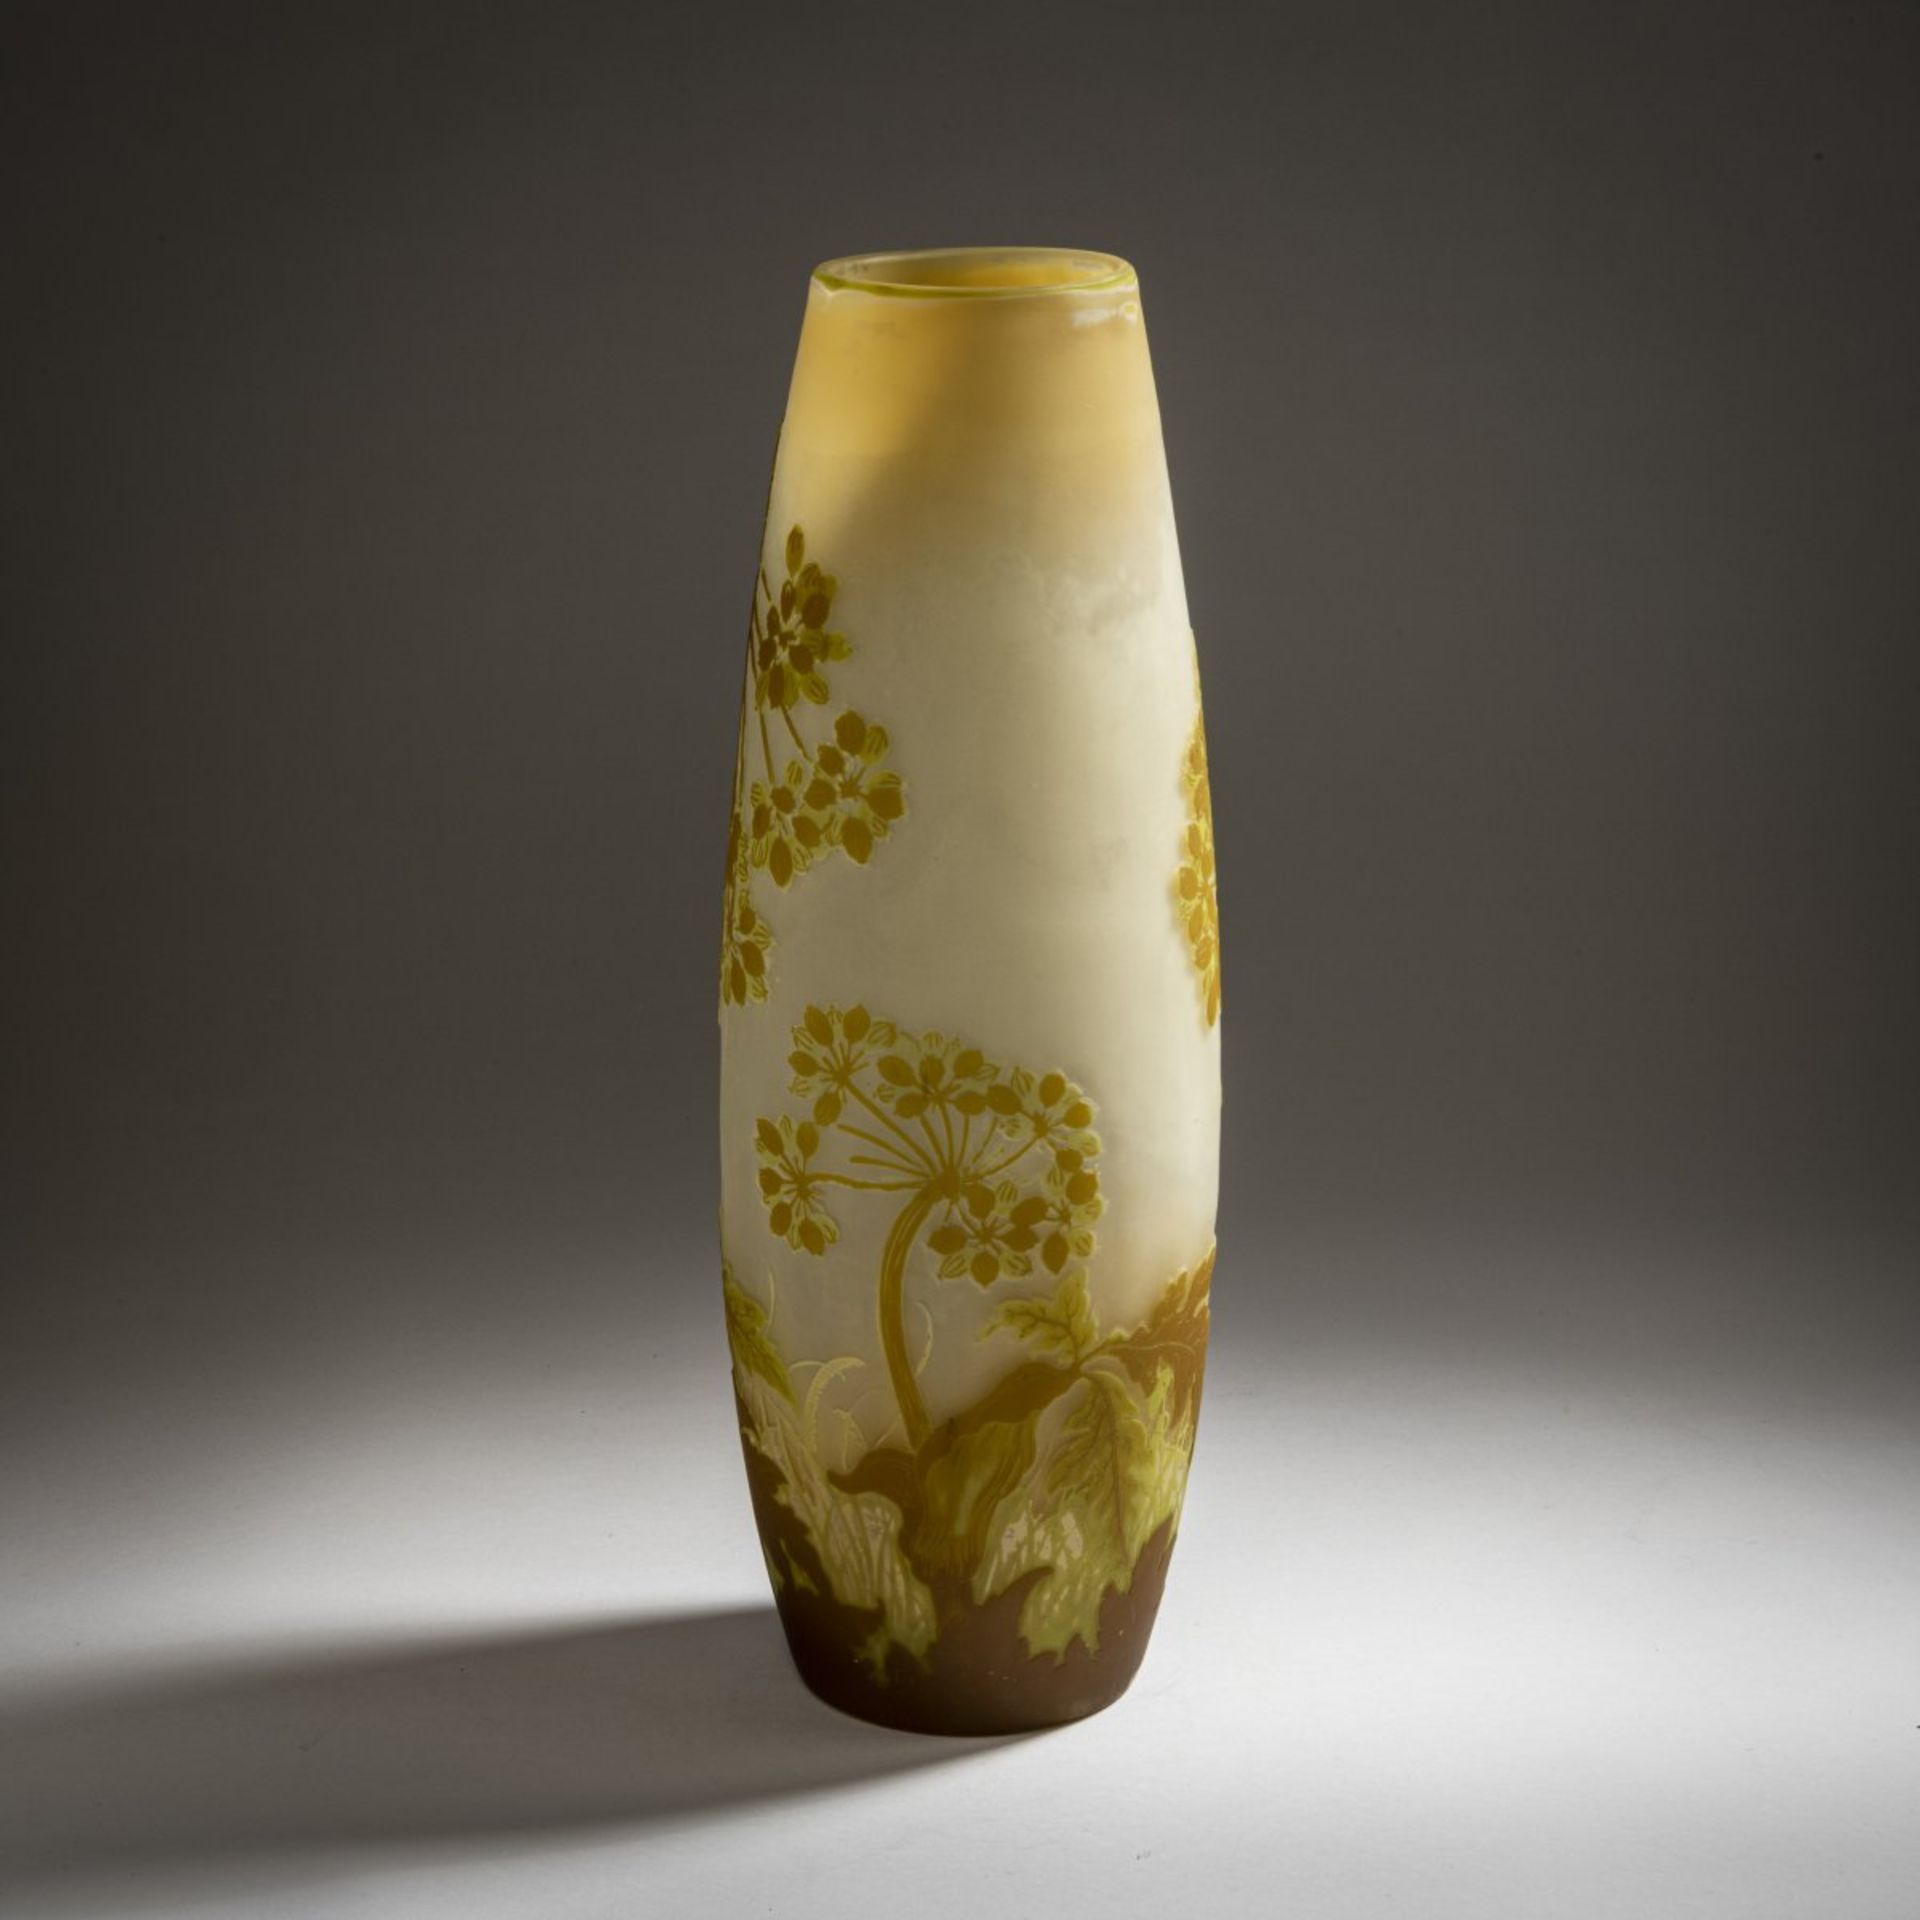 Emile Gallé, Nancy, Vase 'Ombelles', 1902-04 - Bild 2 aus 4